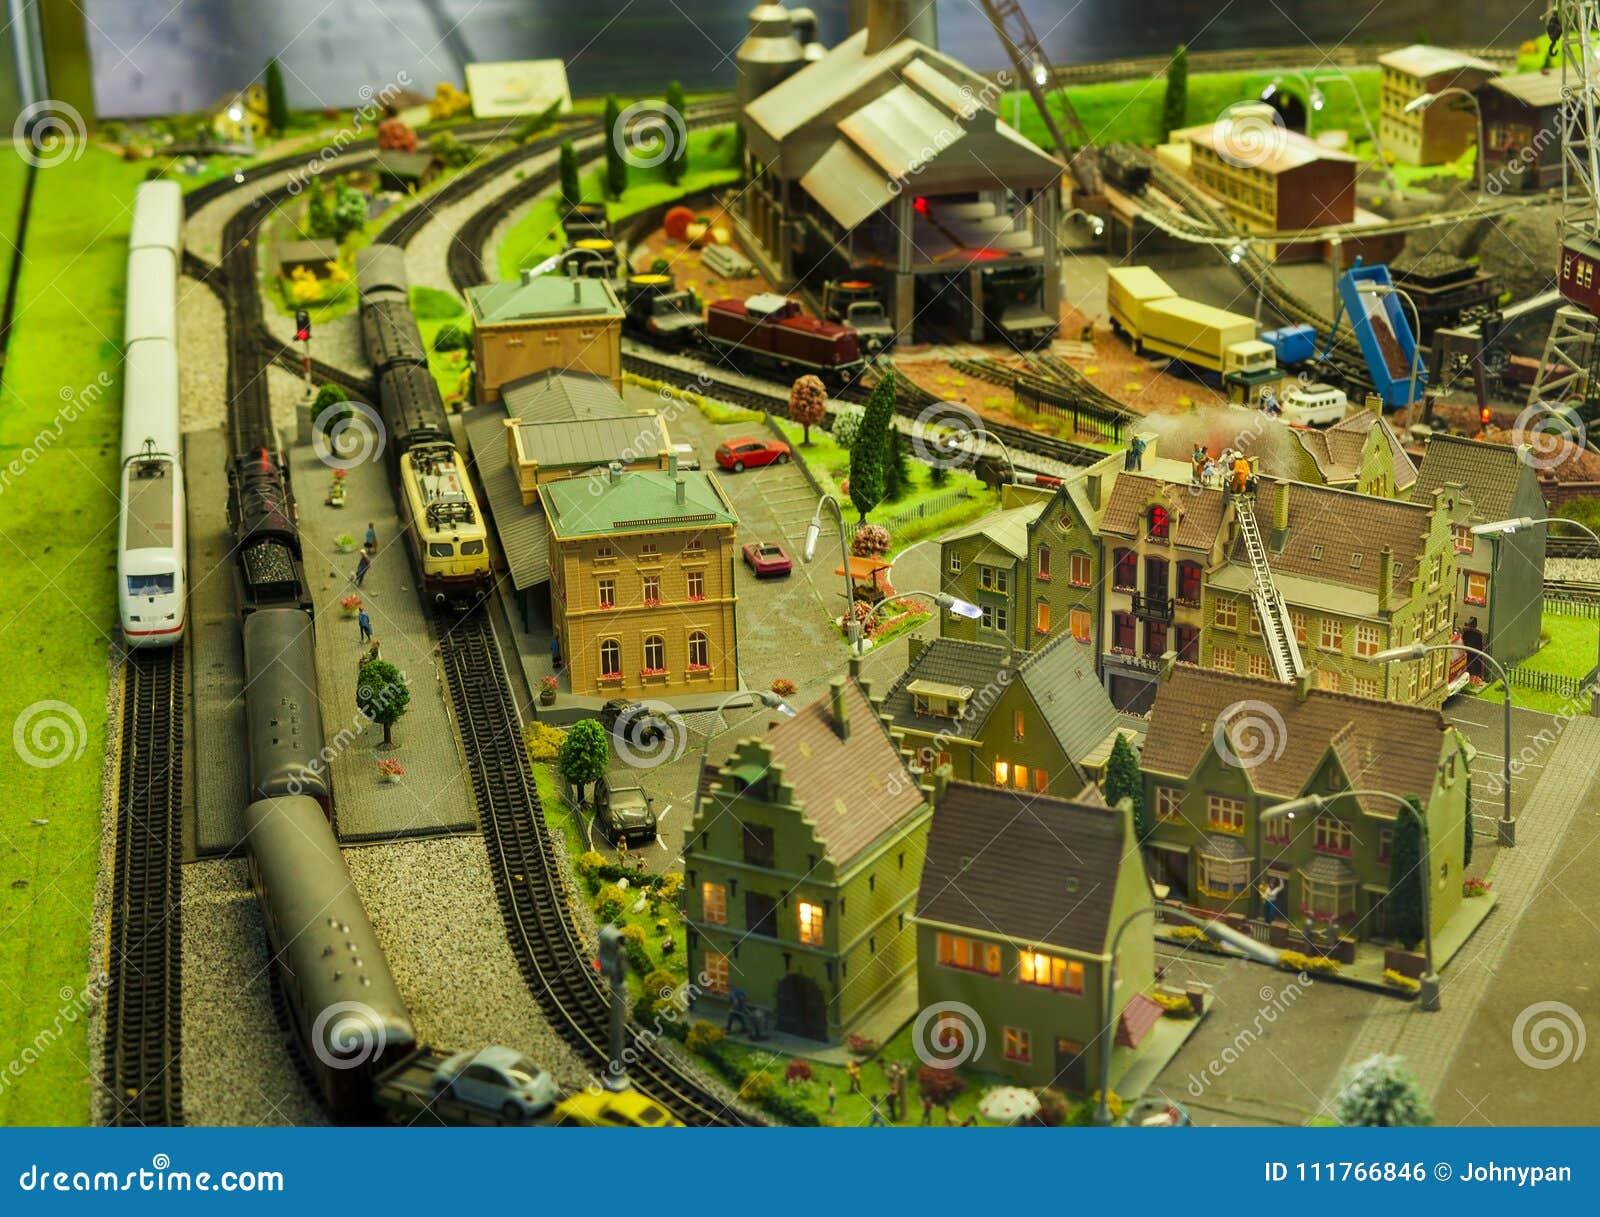 Miniatuurscène in de stad met modeltrein